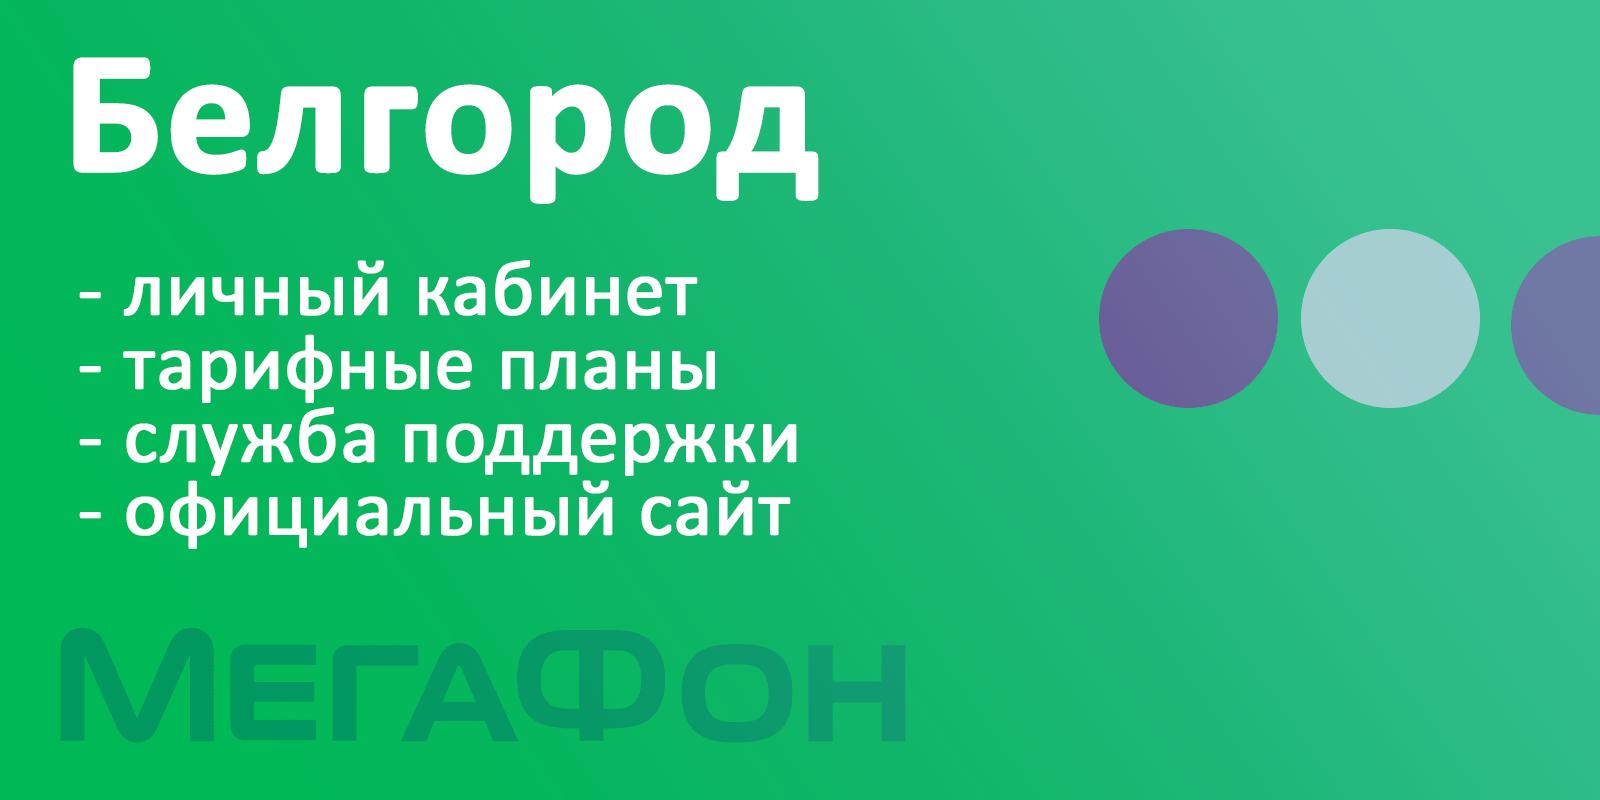 Мегафон Белгород - тарифы, официальный сайт, личный кабинет